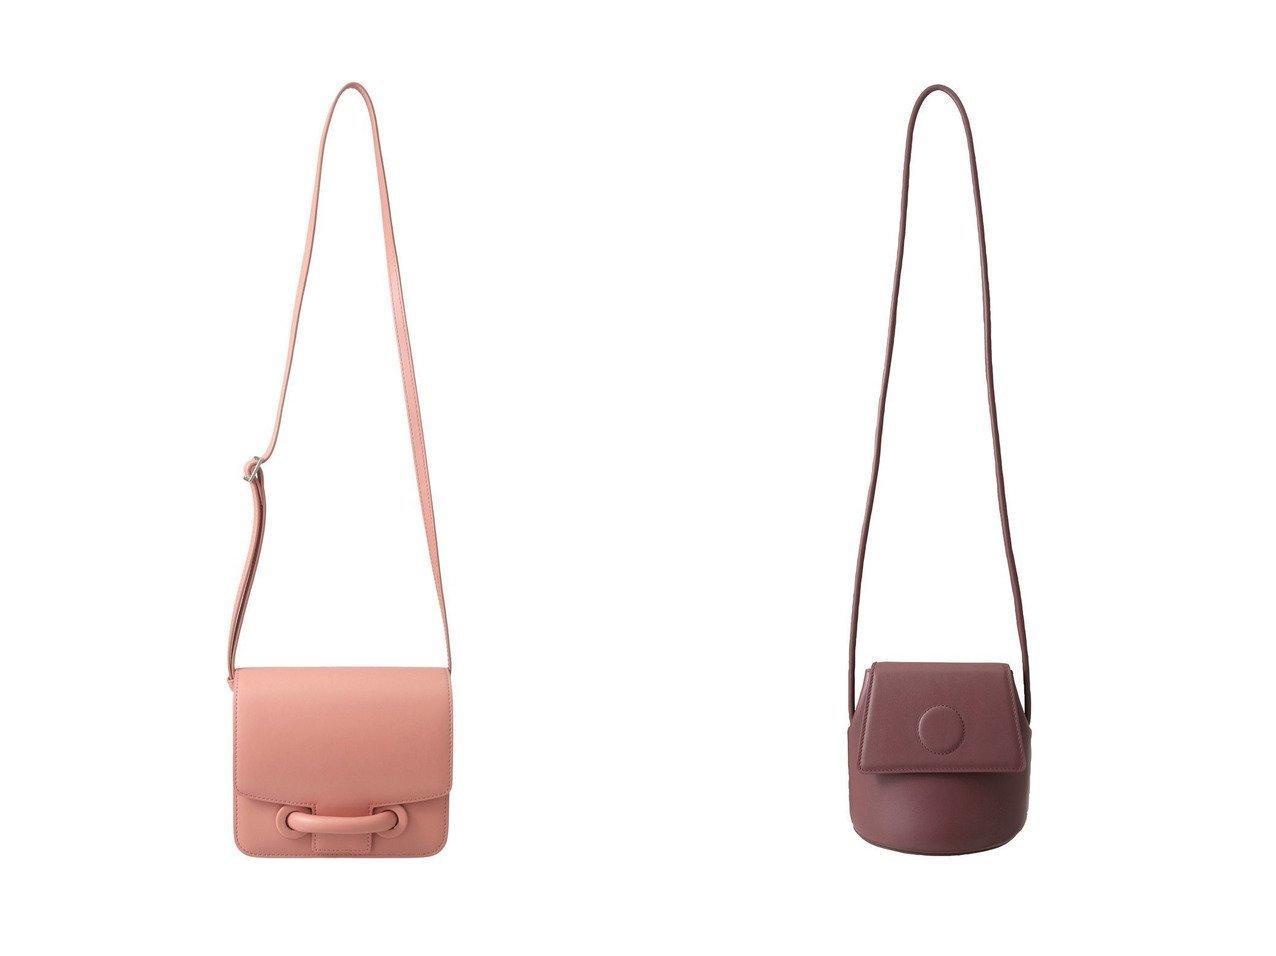 【VASIC/ヴァジック】のCity Mini Mini ショルダーバッグ&【MODERN WEAVING/モダン ウィーヴィング】のPETITE TRAPEZE BUCKET ショルダーバッグ バッグのおすすめ!人気、レディースファッションの通販  おすすめで人気のファッション通販商品 インテリア・家具・キッズファッション・メンズファッション・レディースファッション・服の通販 founy(ファニー) https://founy.com/ ファッション Fashion レディース WOMEN バッグ Bag クラシック コンパクト ショルダー フィット ポケット ポシェット ロング 財布 なめらか スマート |ID:crp329100000000430